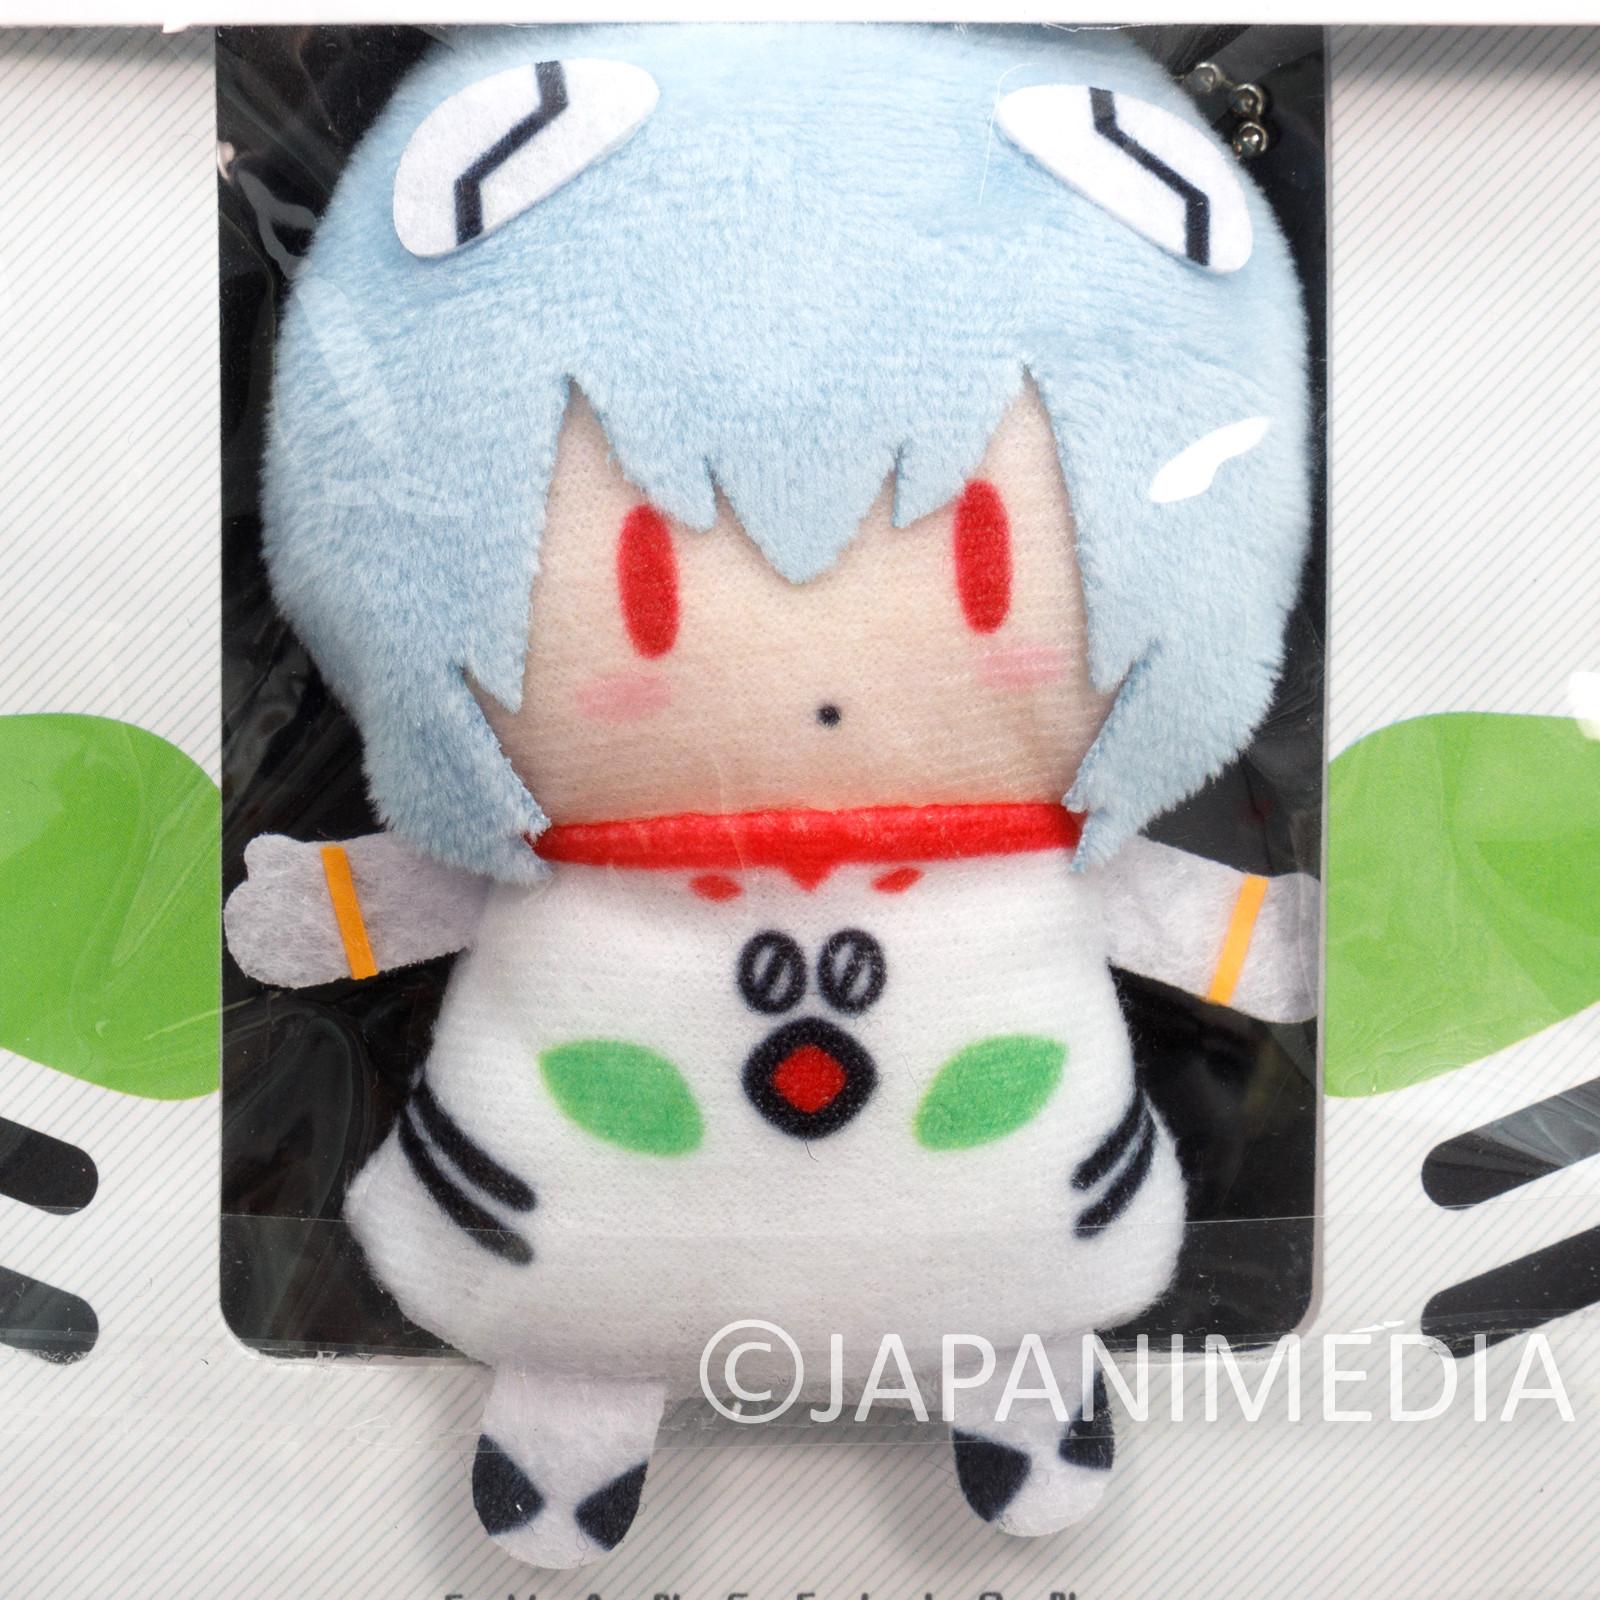 Evangelion Rei Ayanami Plug Suit Finger Puppet Plush Doll Ballchain JAPAN ANIME